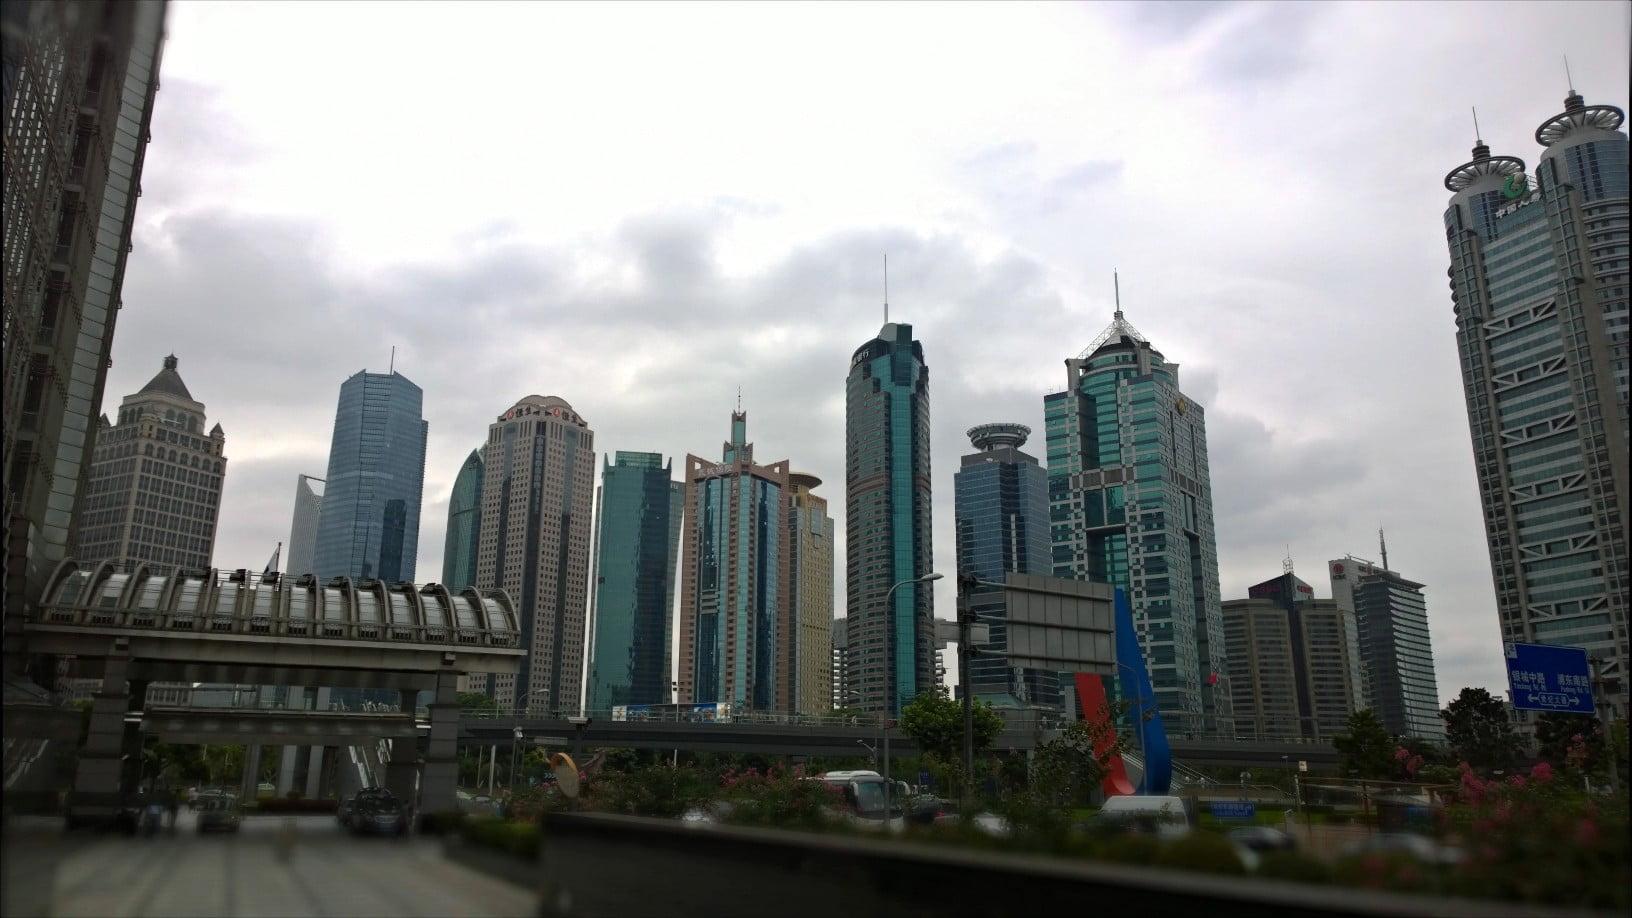 Kina er i rask utvikling og det er alltid fascinerende å se hvordan landet endrer seg fra år til år.